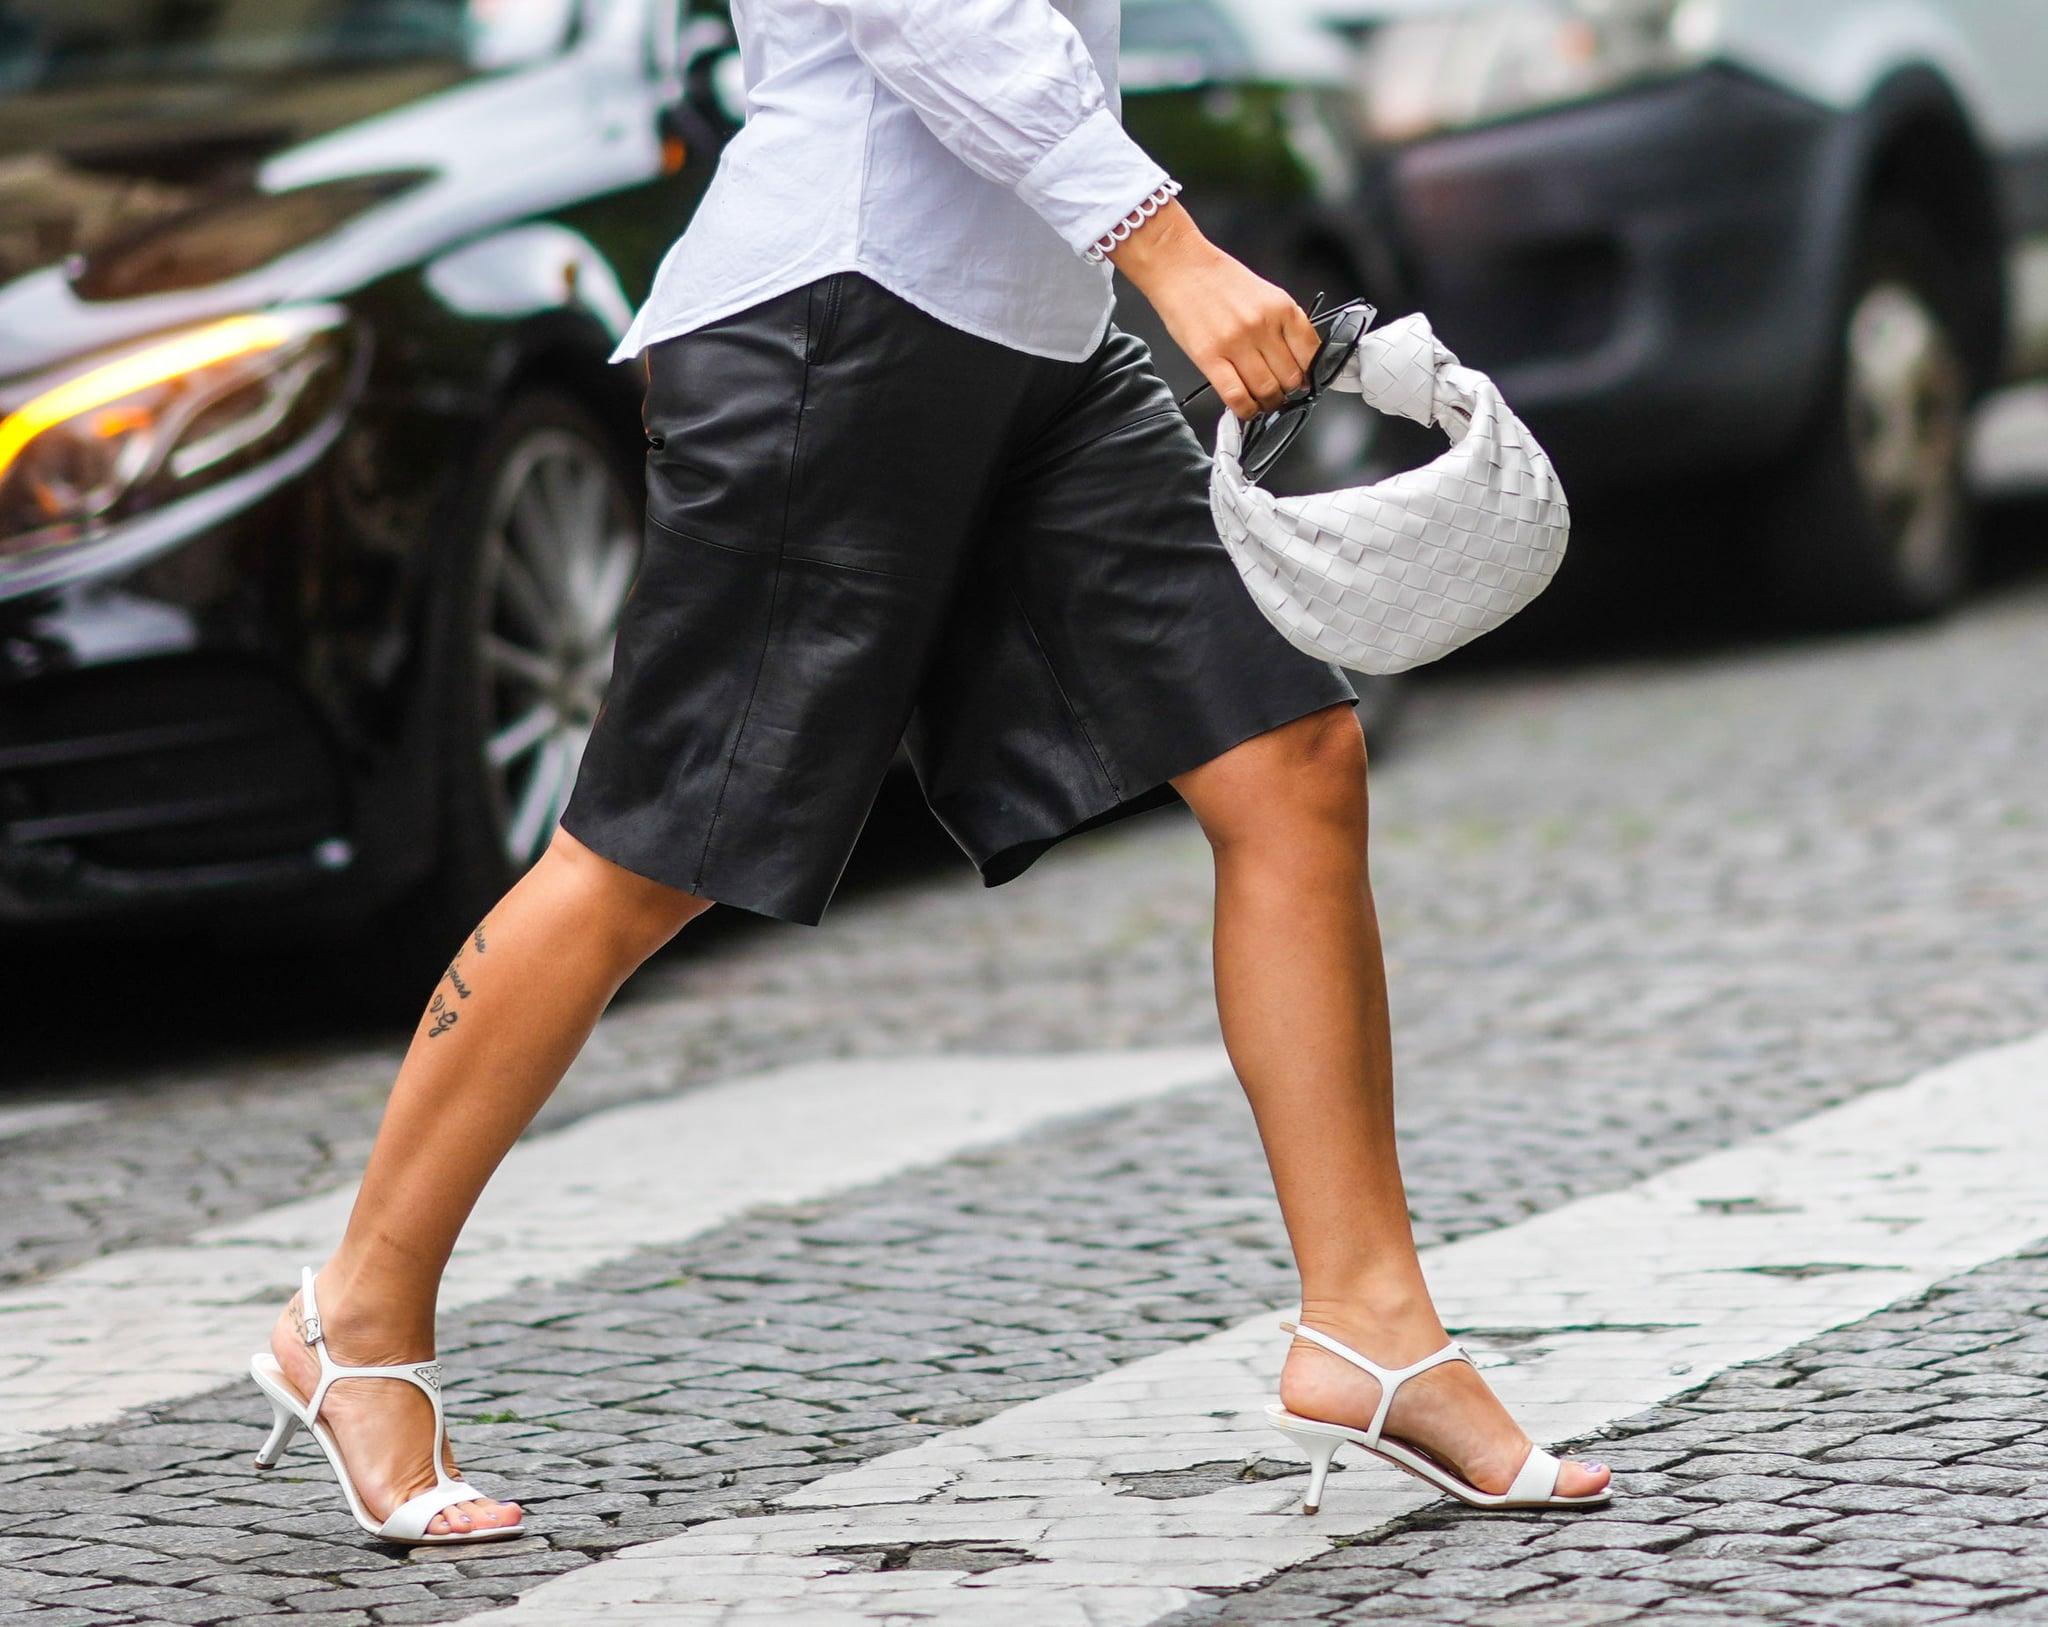 tmp_wg81tx_5ebccad8874bdcfb_heels.jpg